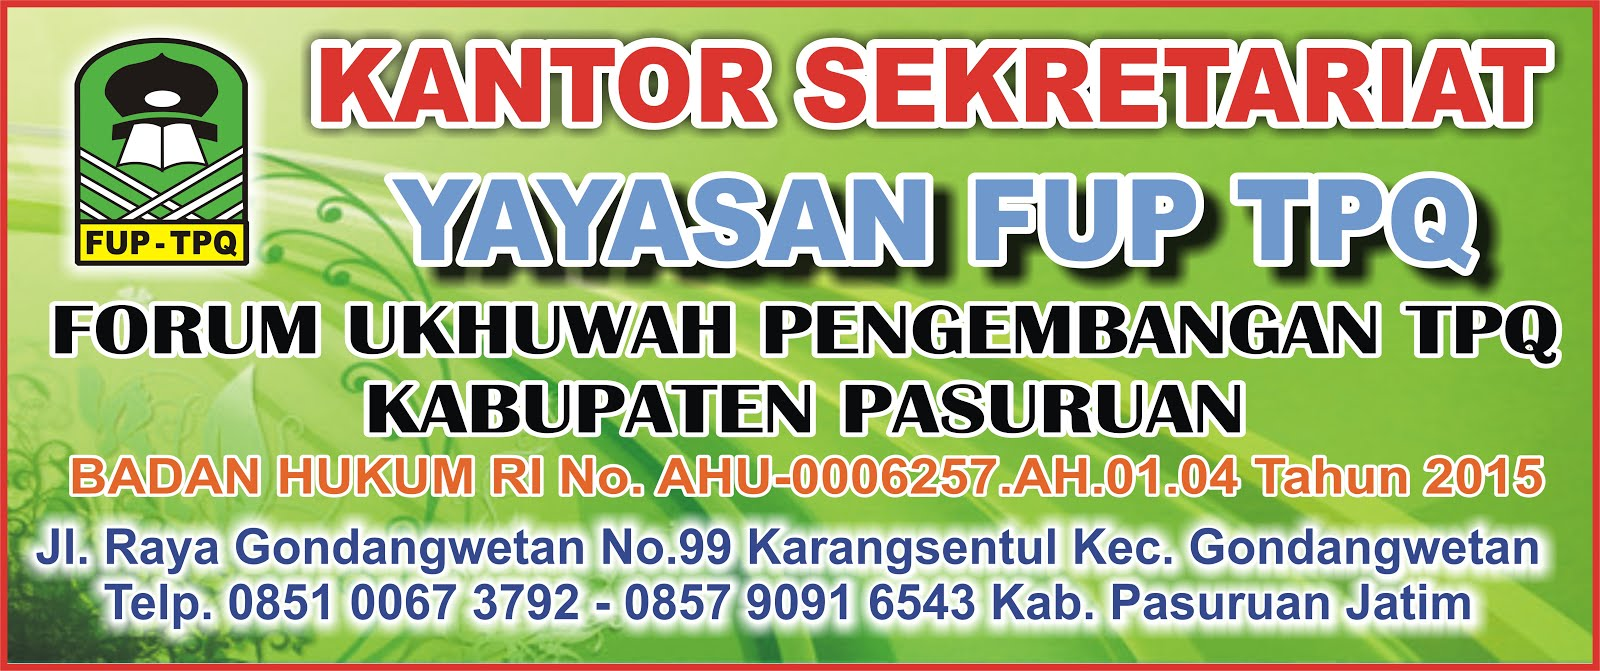 Yayasan FUP TPQ Kab Pasuruan